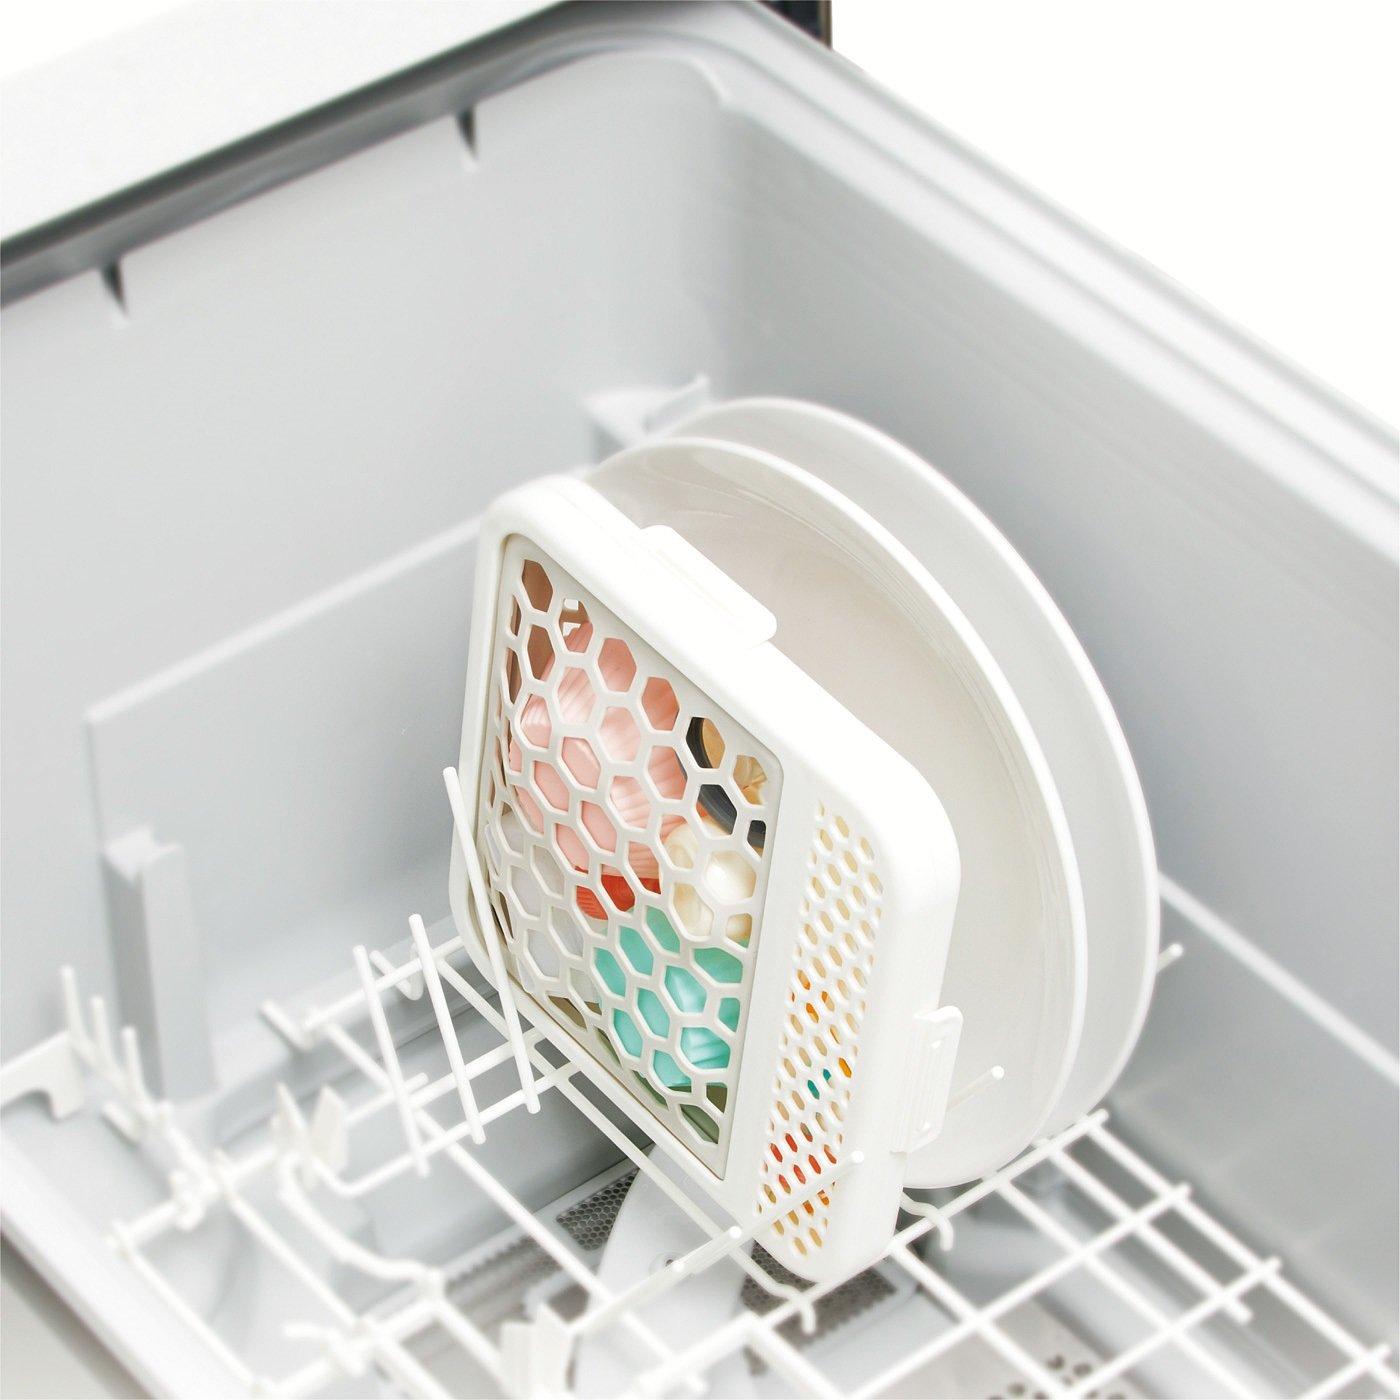 ネットが伸びてピタッとホールド! 食器洗い機用小物洗いネット